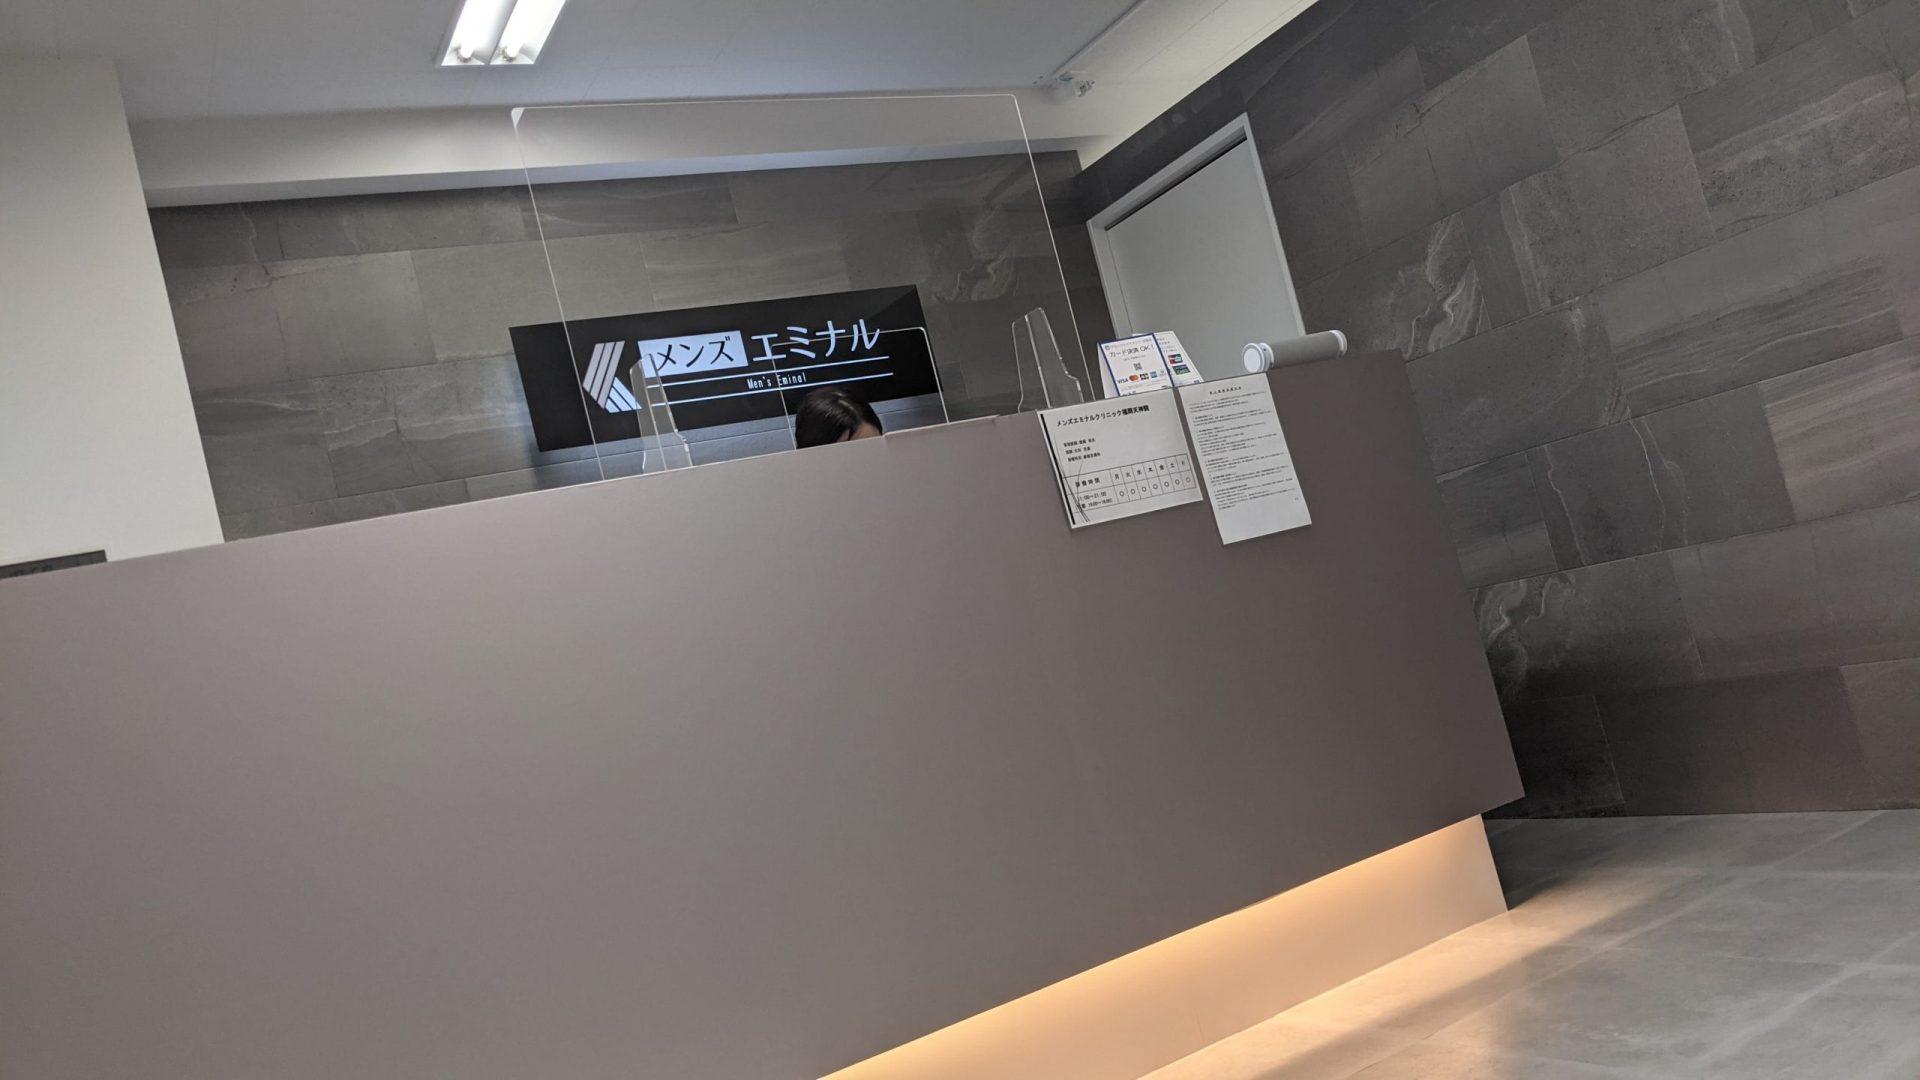 メンズエミナル福岡天神院の店内カウンター